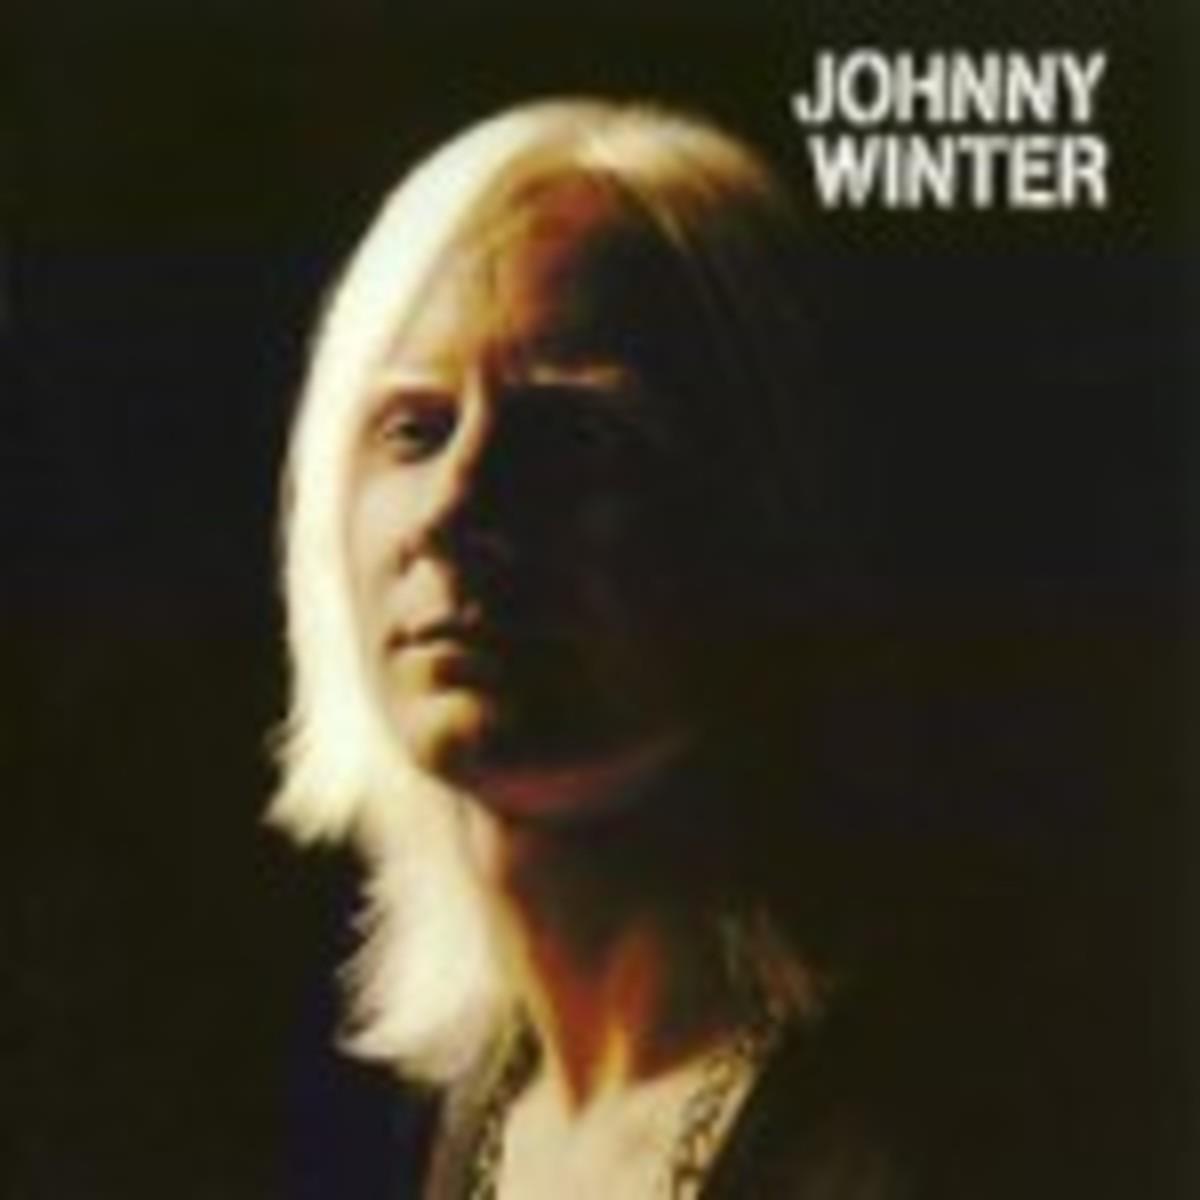 Johnny Winter eponymous album